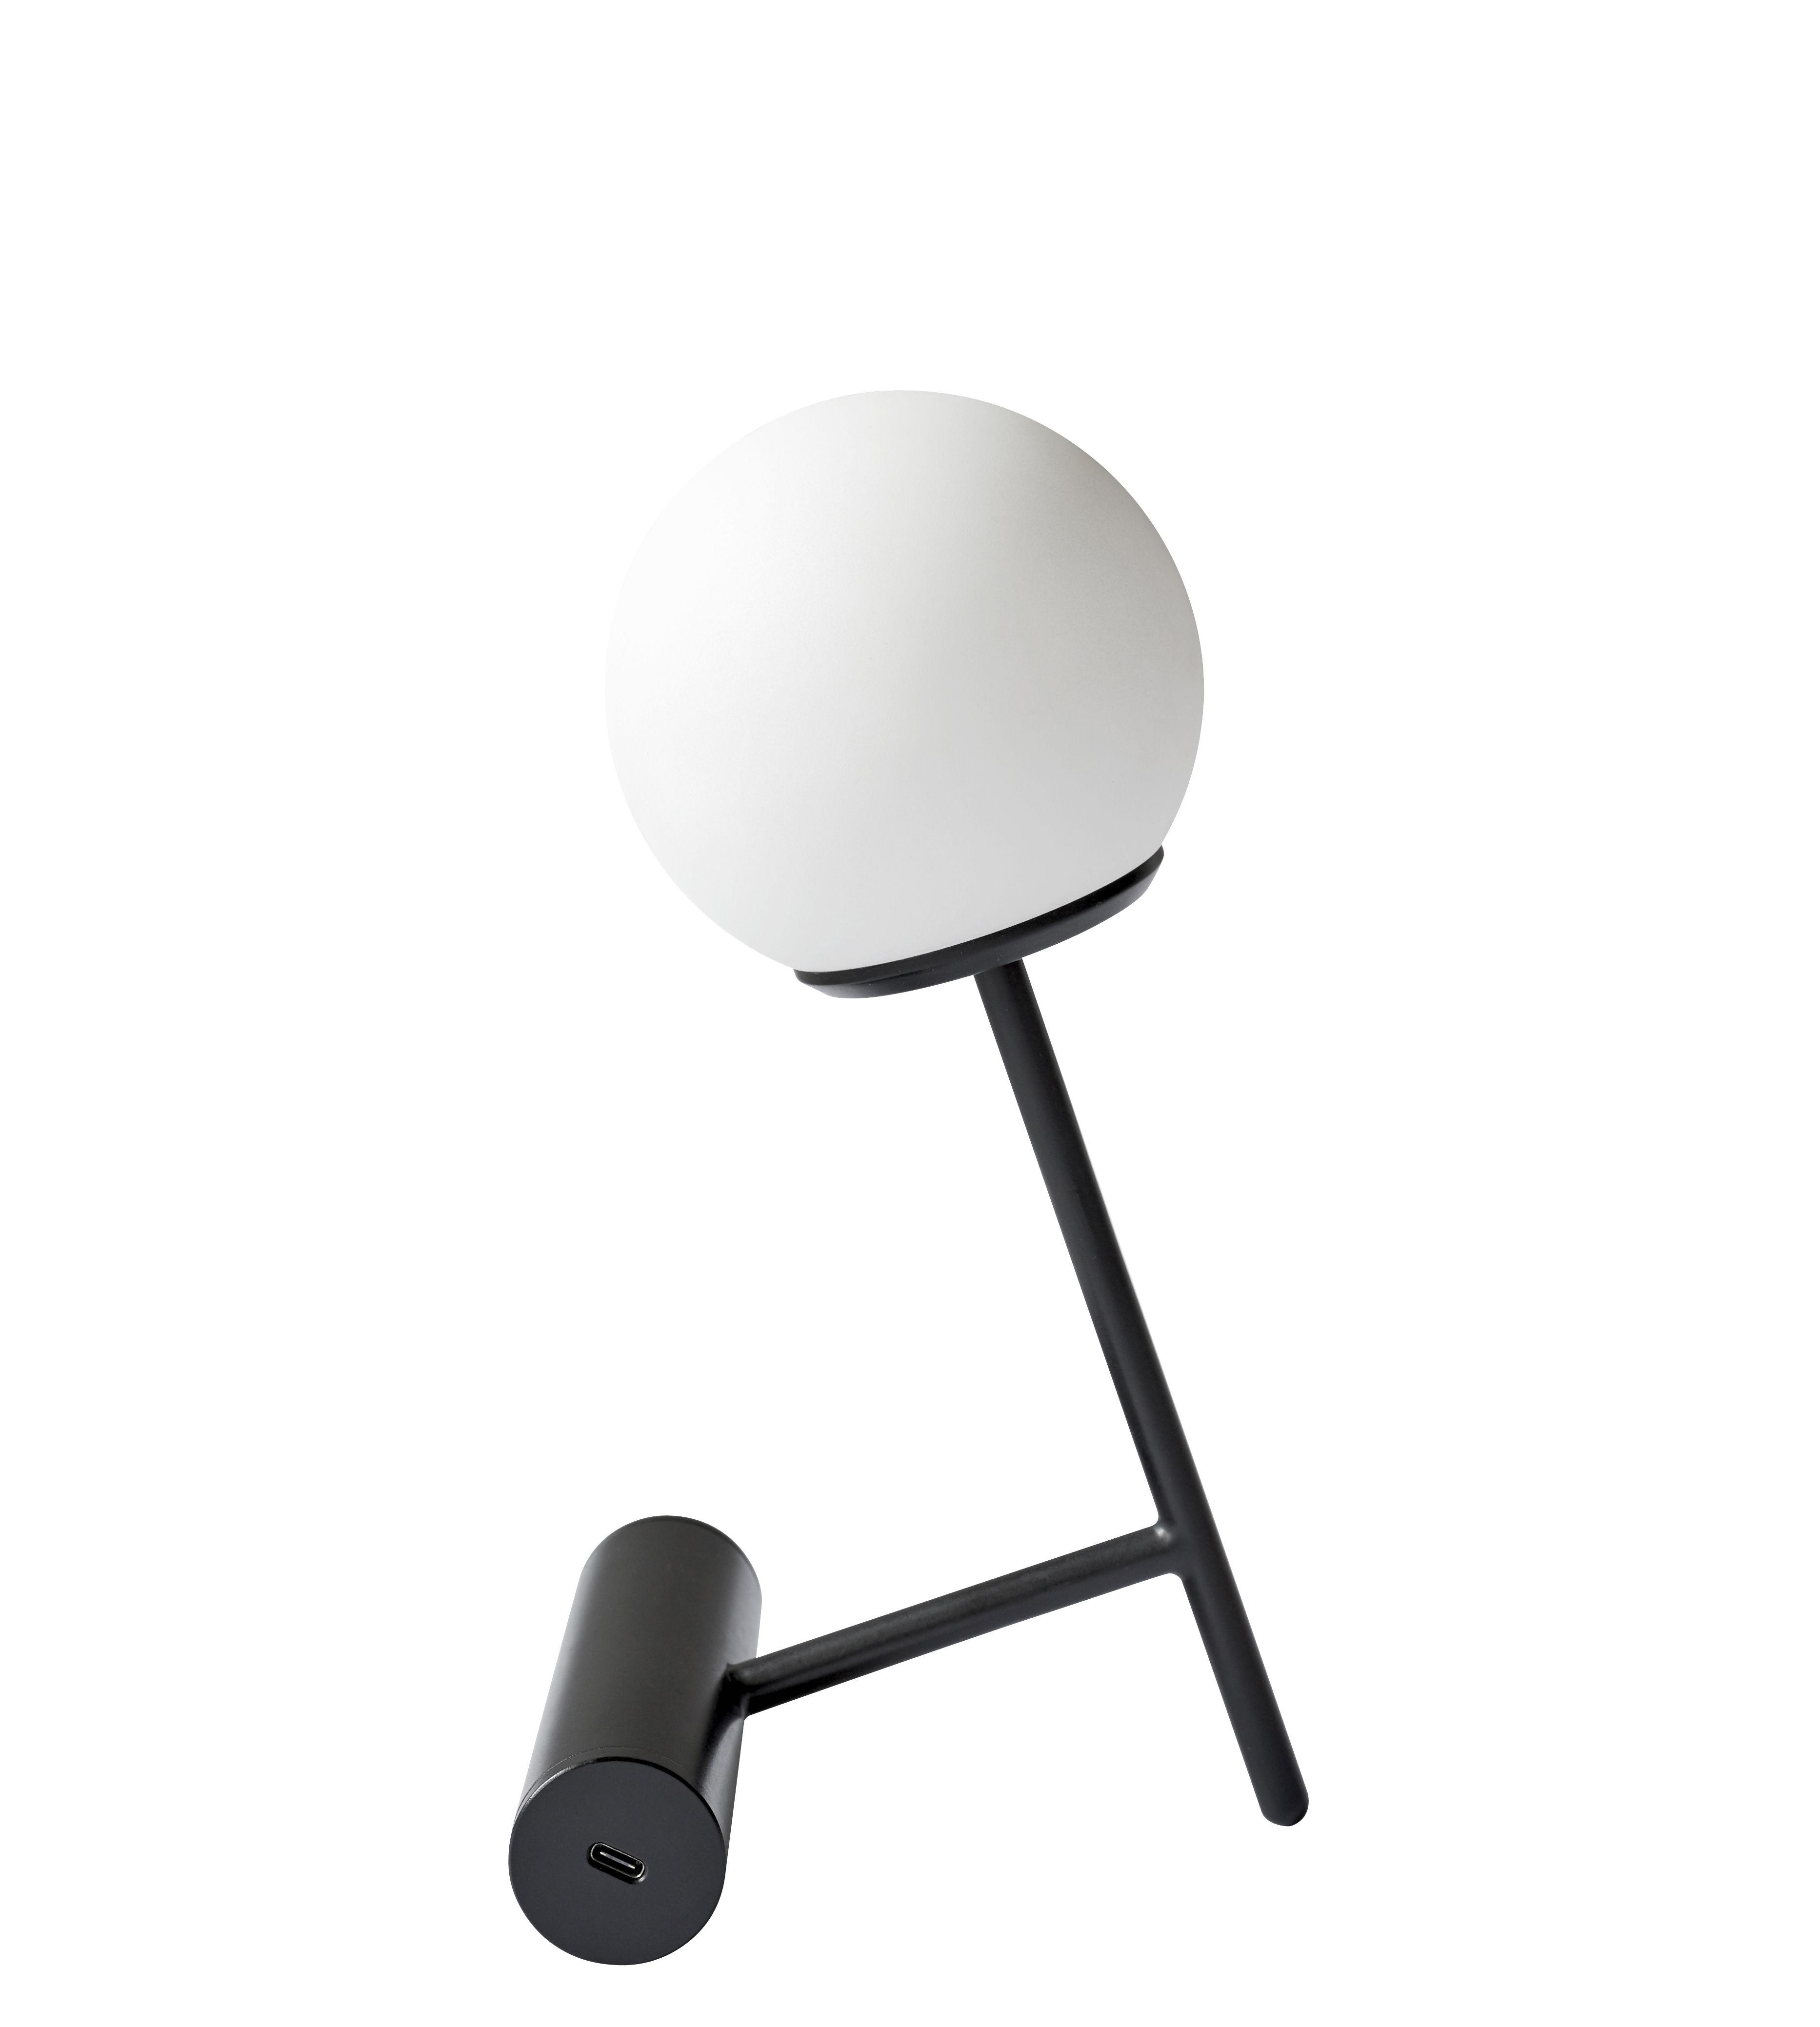 Illuminazione - Lampade da tavolo - Lampada senza fili Phare LED - / Ricarica USB - Metallo & plastica di Menu - Nero - alluminio verniciato, policarbonato